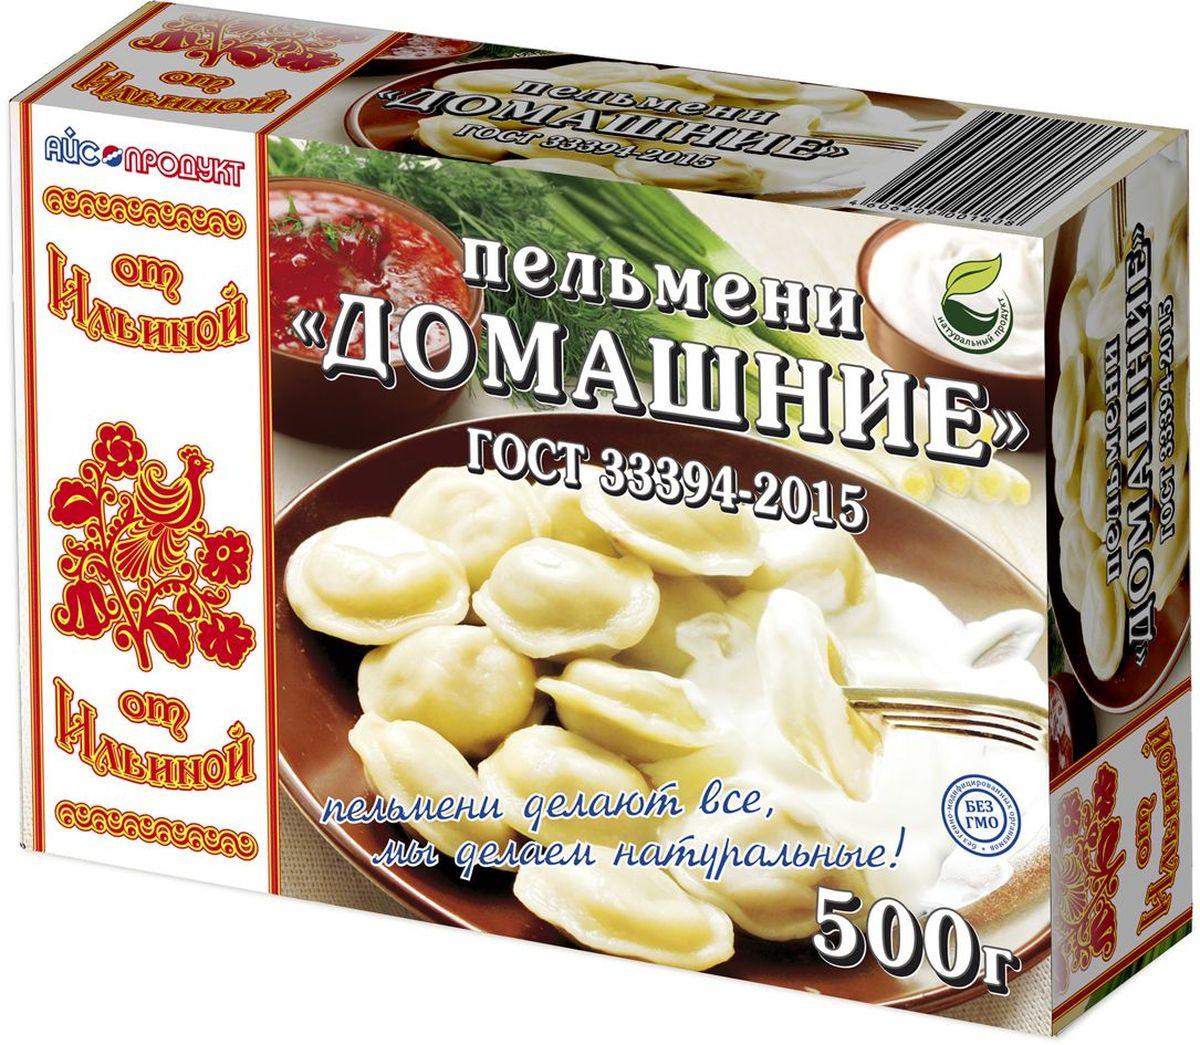 От Ильиной Пельмени Домашние ГОСТ, 500 г домашние вареники пельмени лапша лазанья галушки и другие вкусности